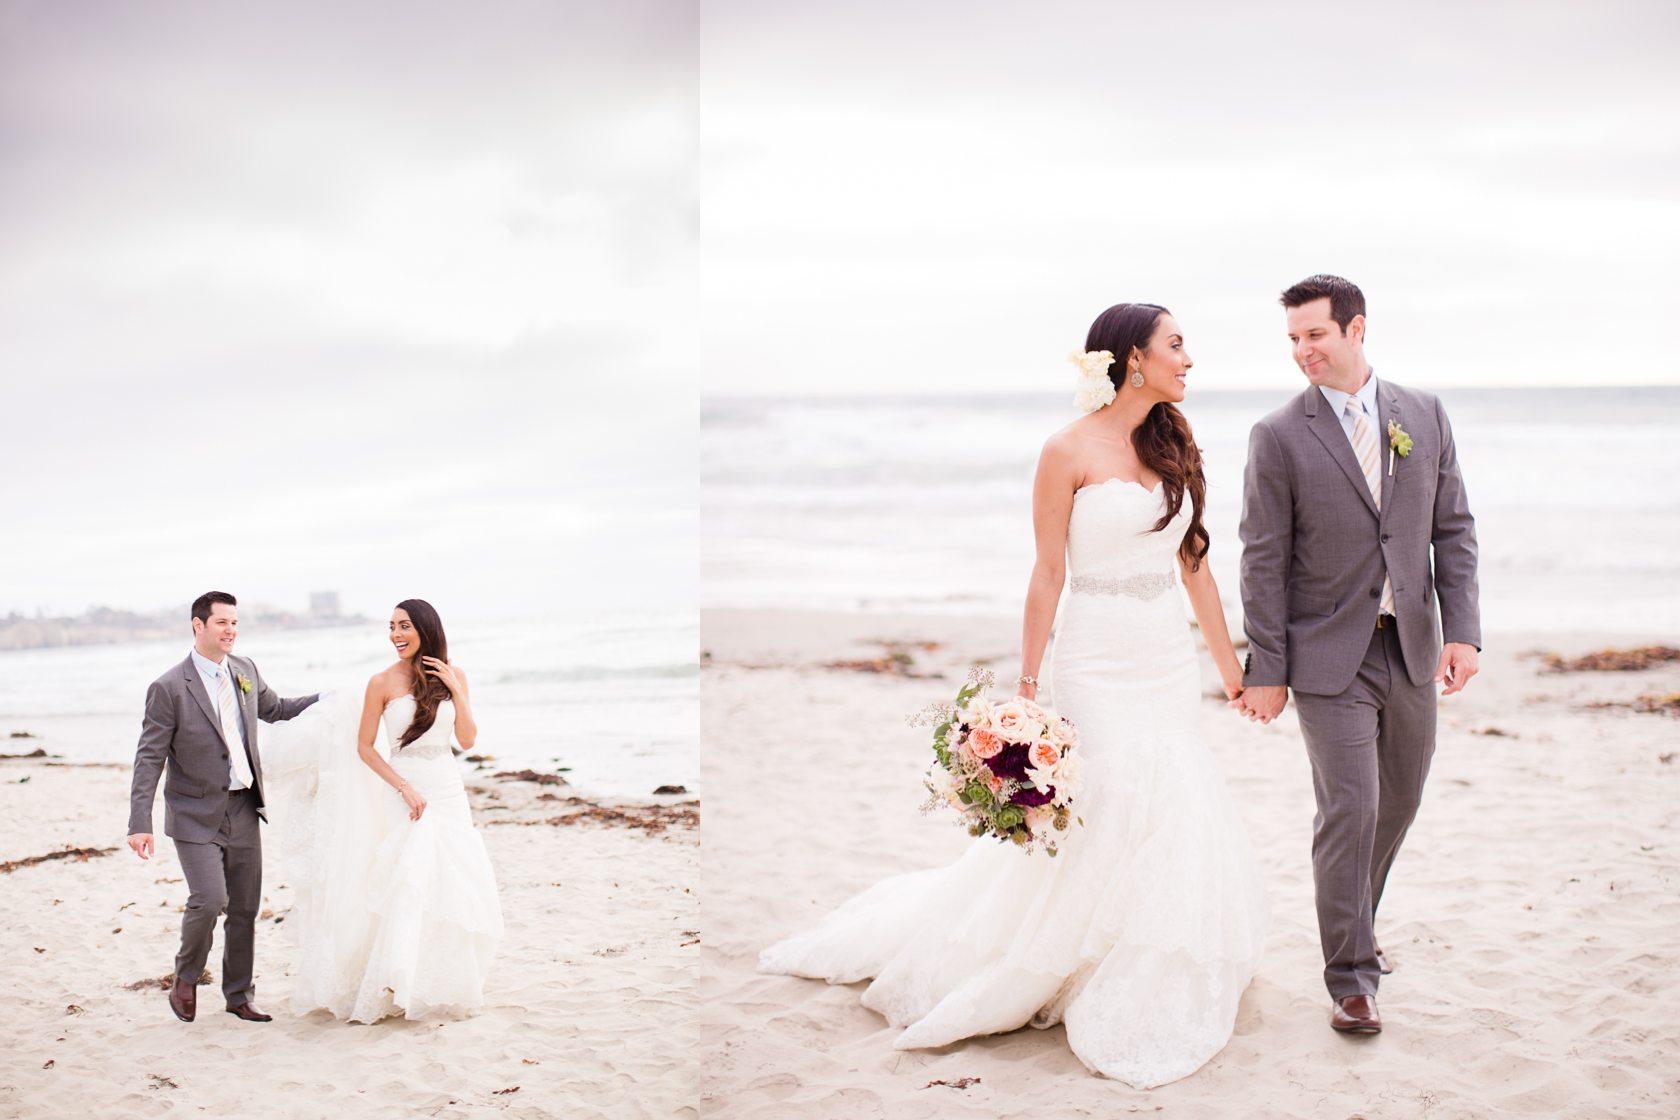 Romantic_Estancia_La_Jolla_Wedding_074.jpg